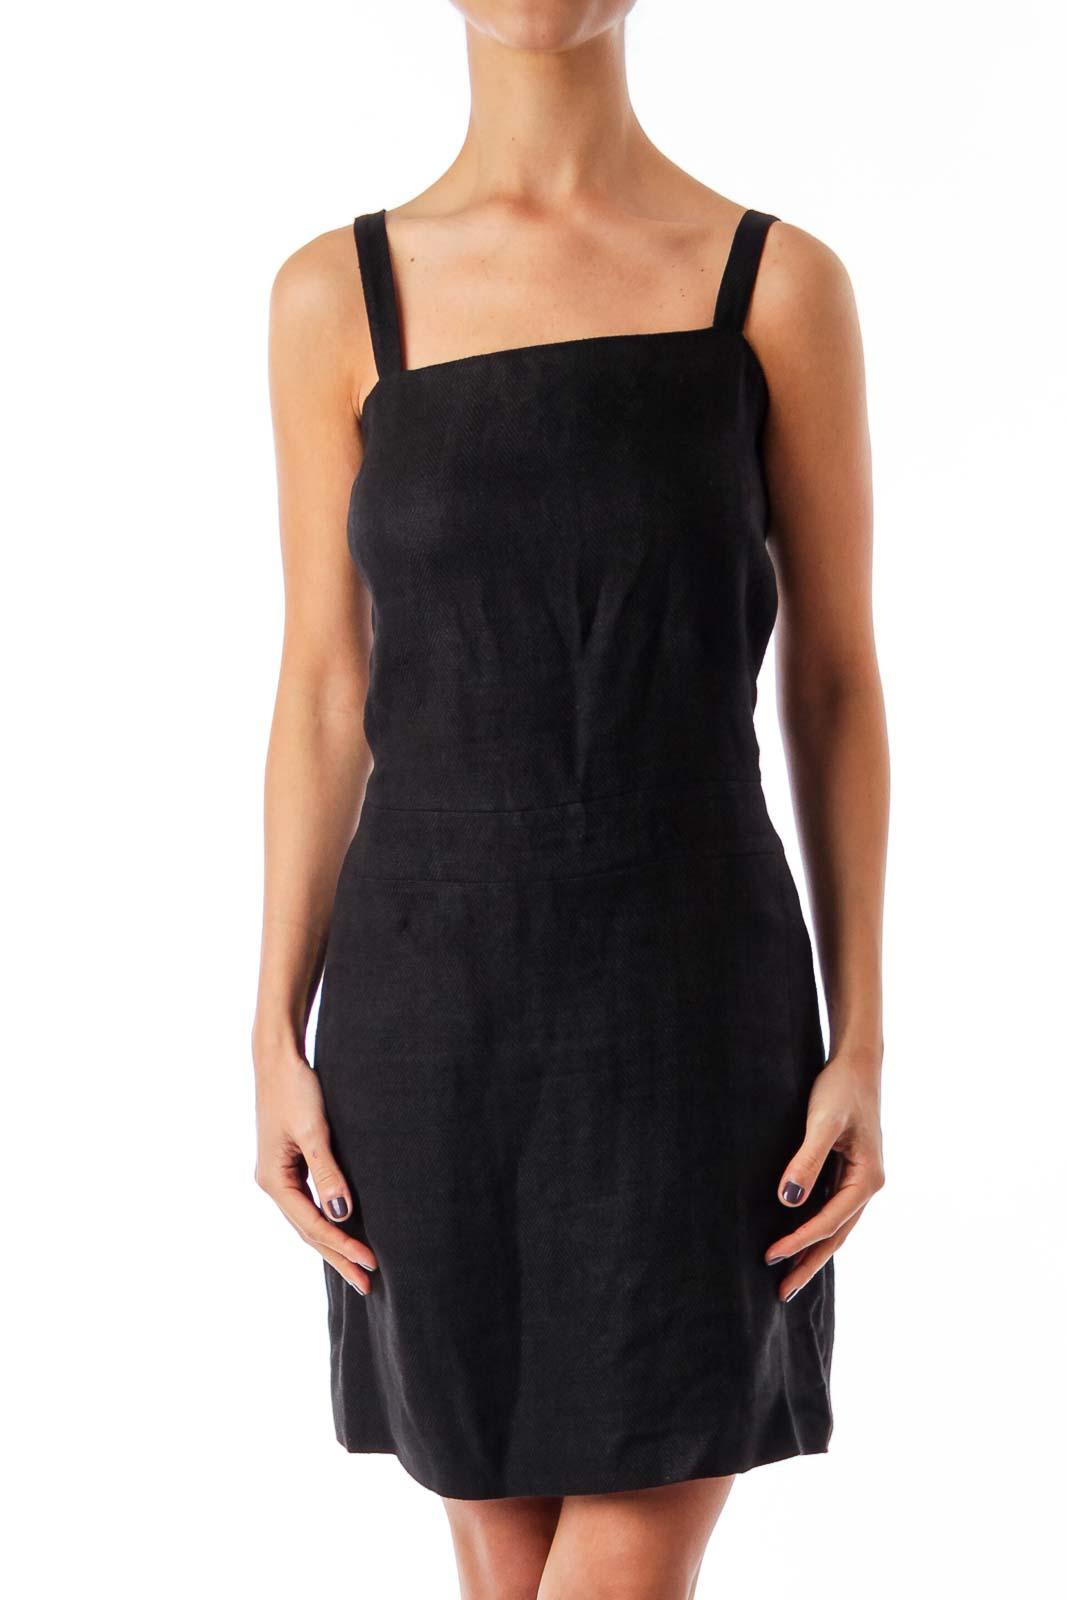 Black Slip Dress Front